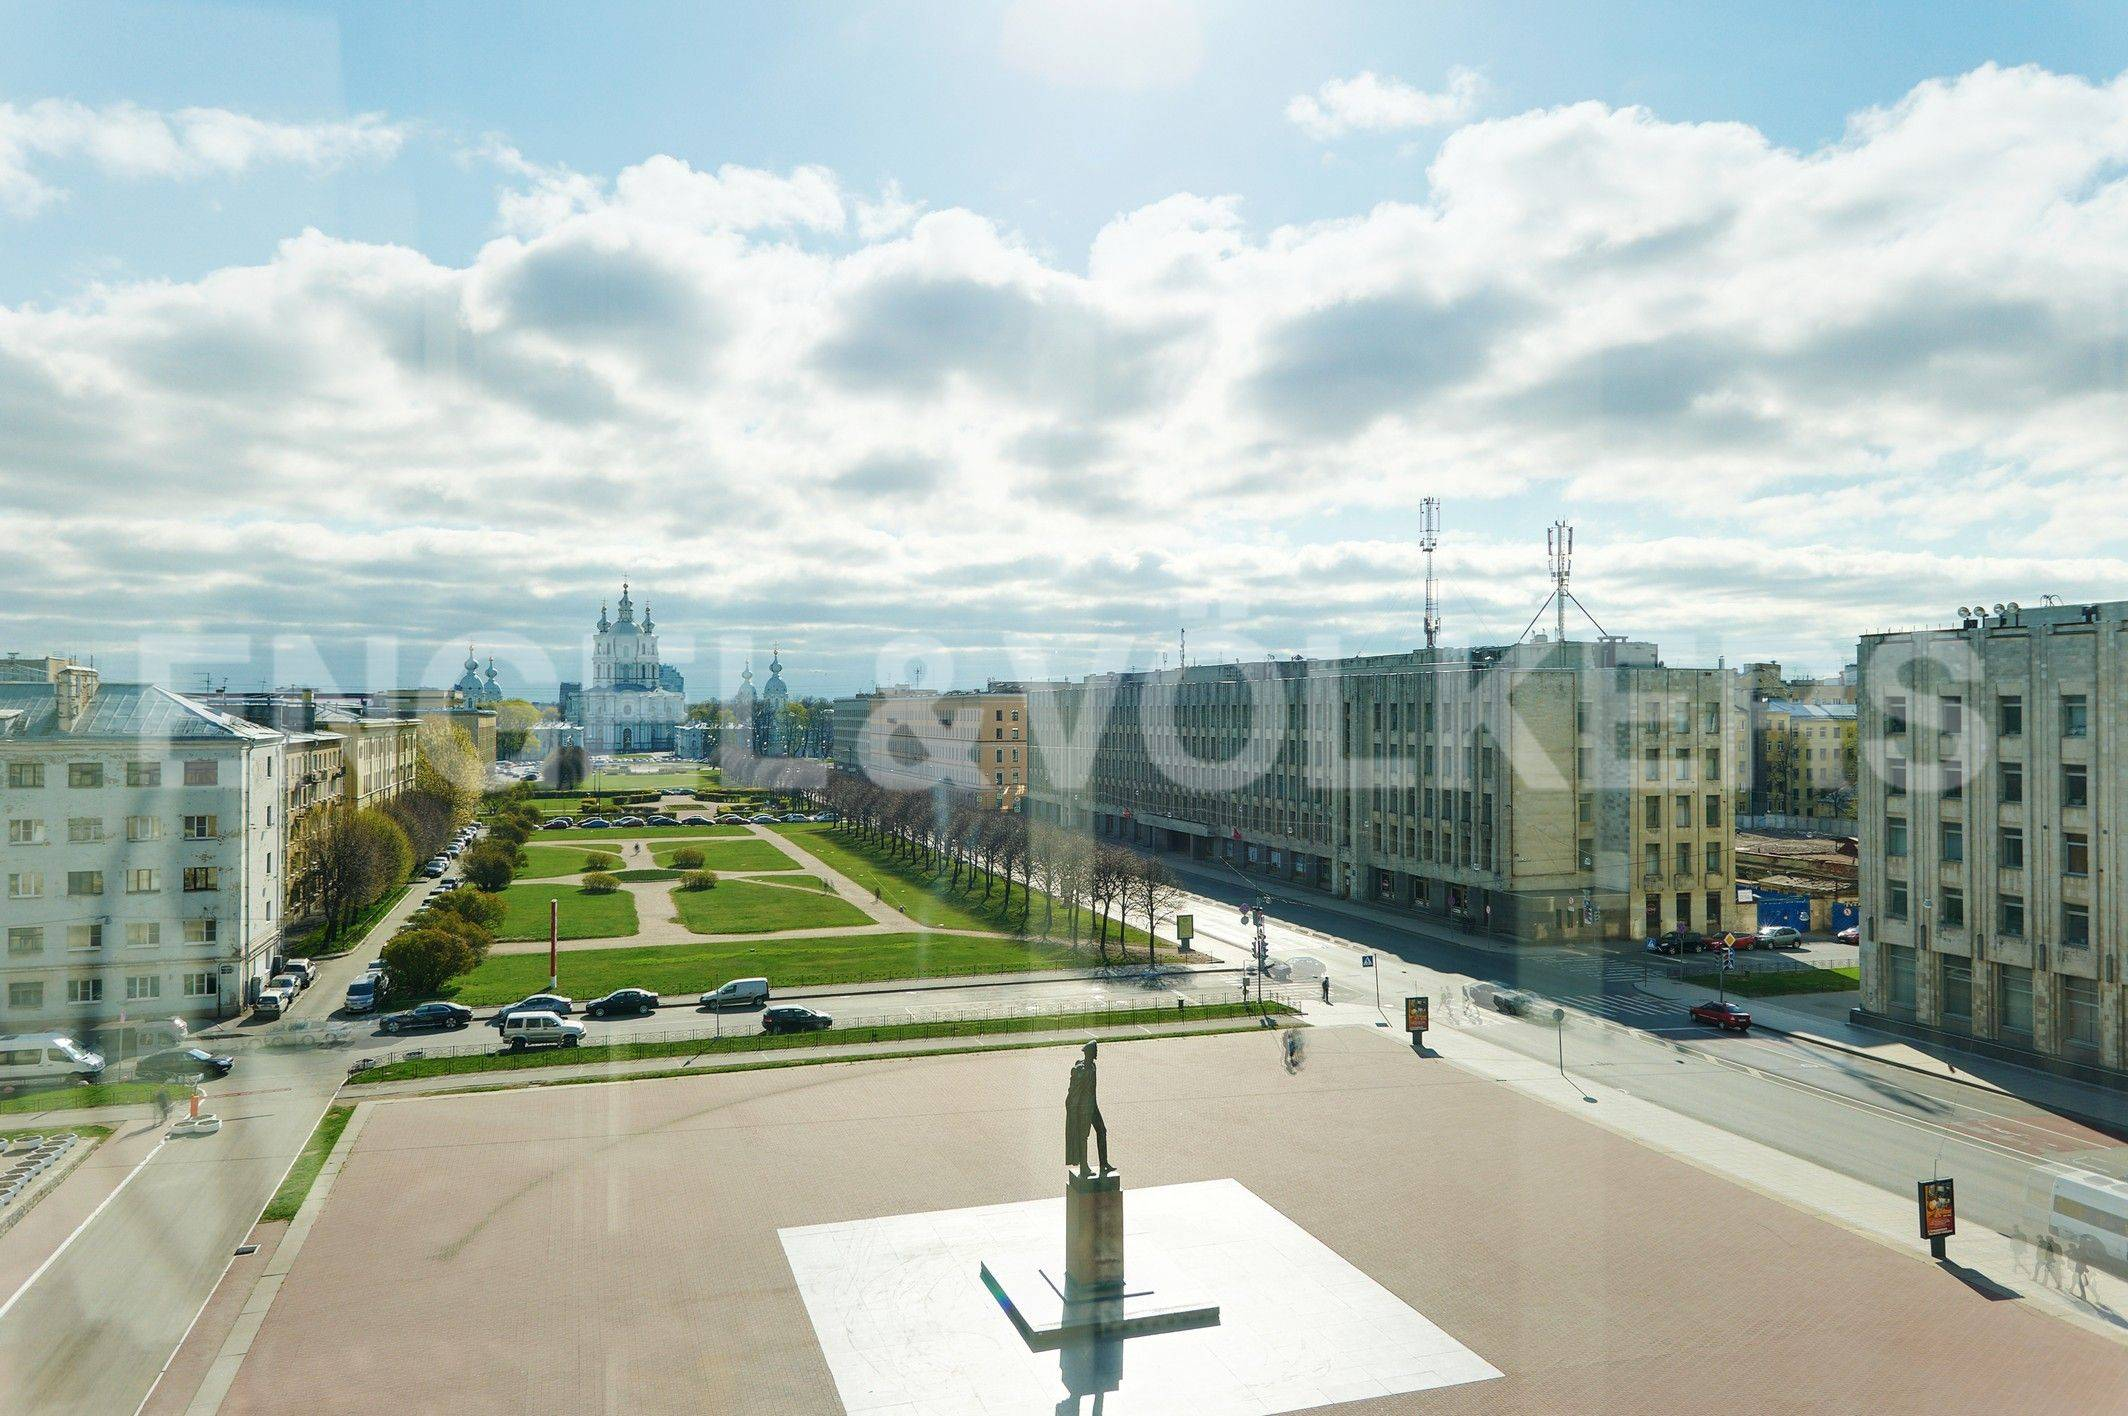 Элитные квартиры в Центральном районе. Санкт-Петербург, Шпалерная ул. 60. Вид на площадь и Смольный собор